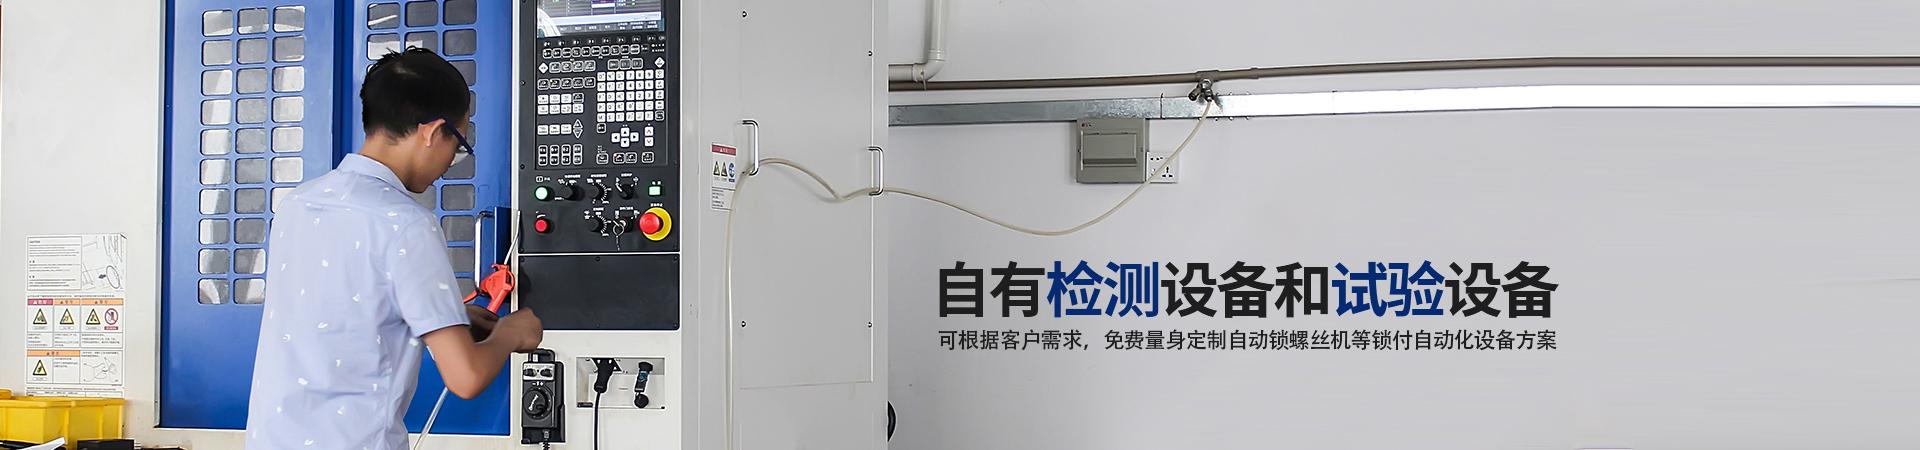 坚丰可根据客户需求,免费量身定制自动锁螺丝机等锁付自动化设备方案